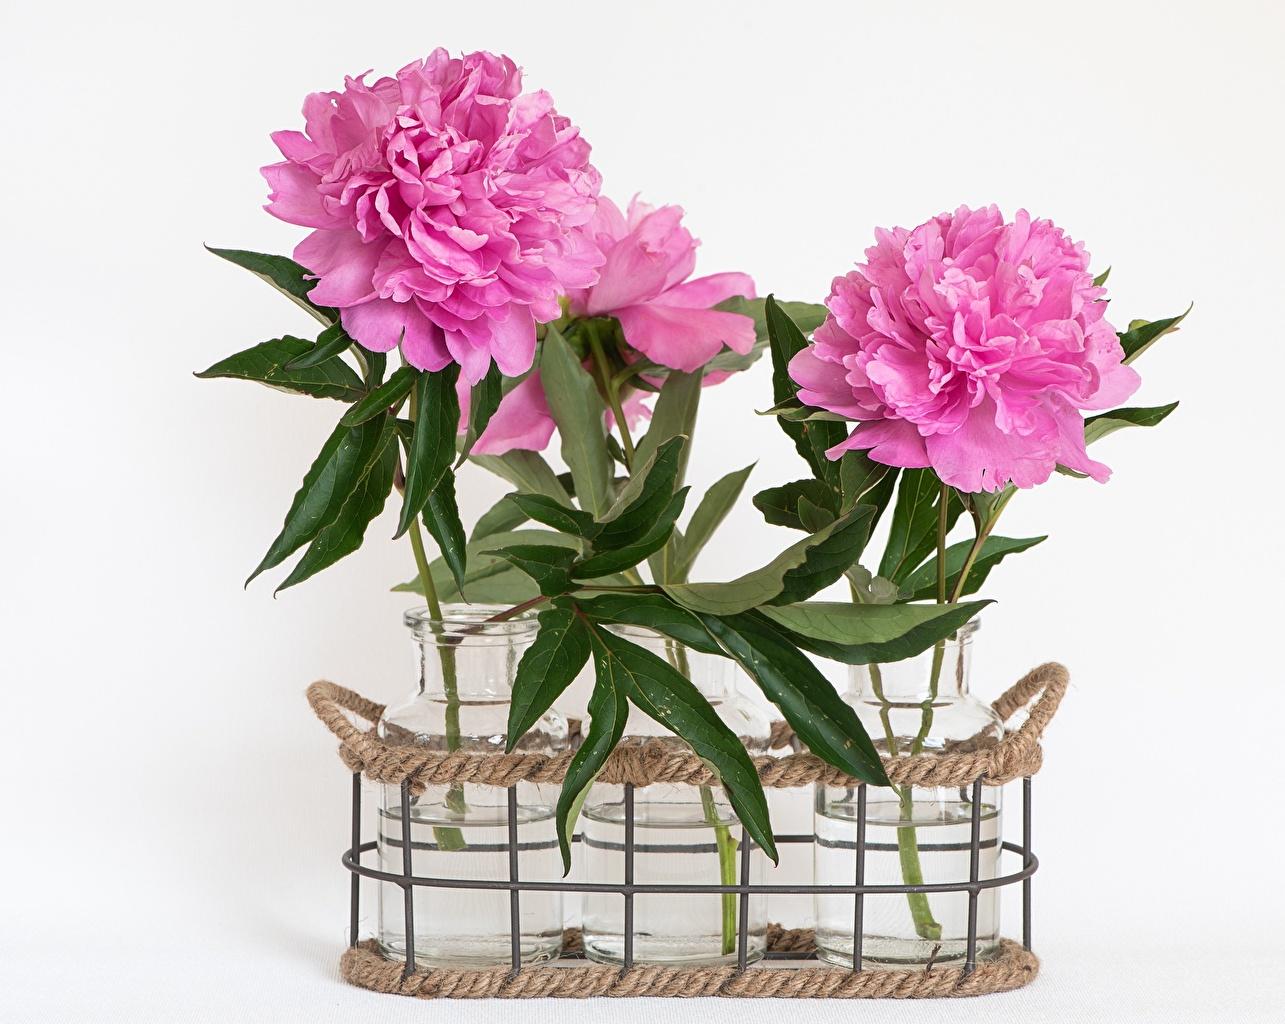 Fotos Rosa Farbe Blüte Weidenkorb Einweckglas Pfingstrosen Grauer Hintergrund Blumen Weckglas